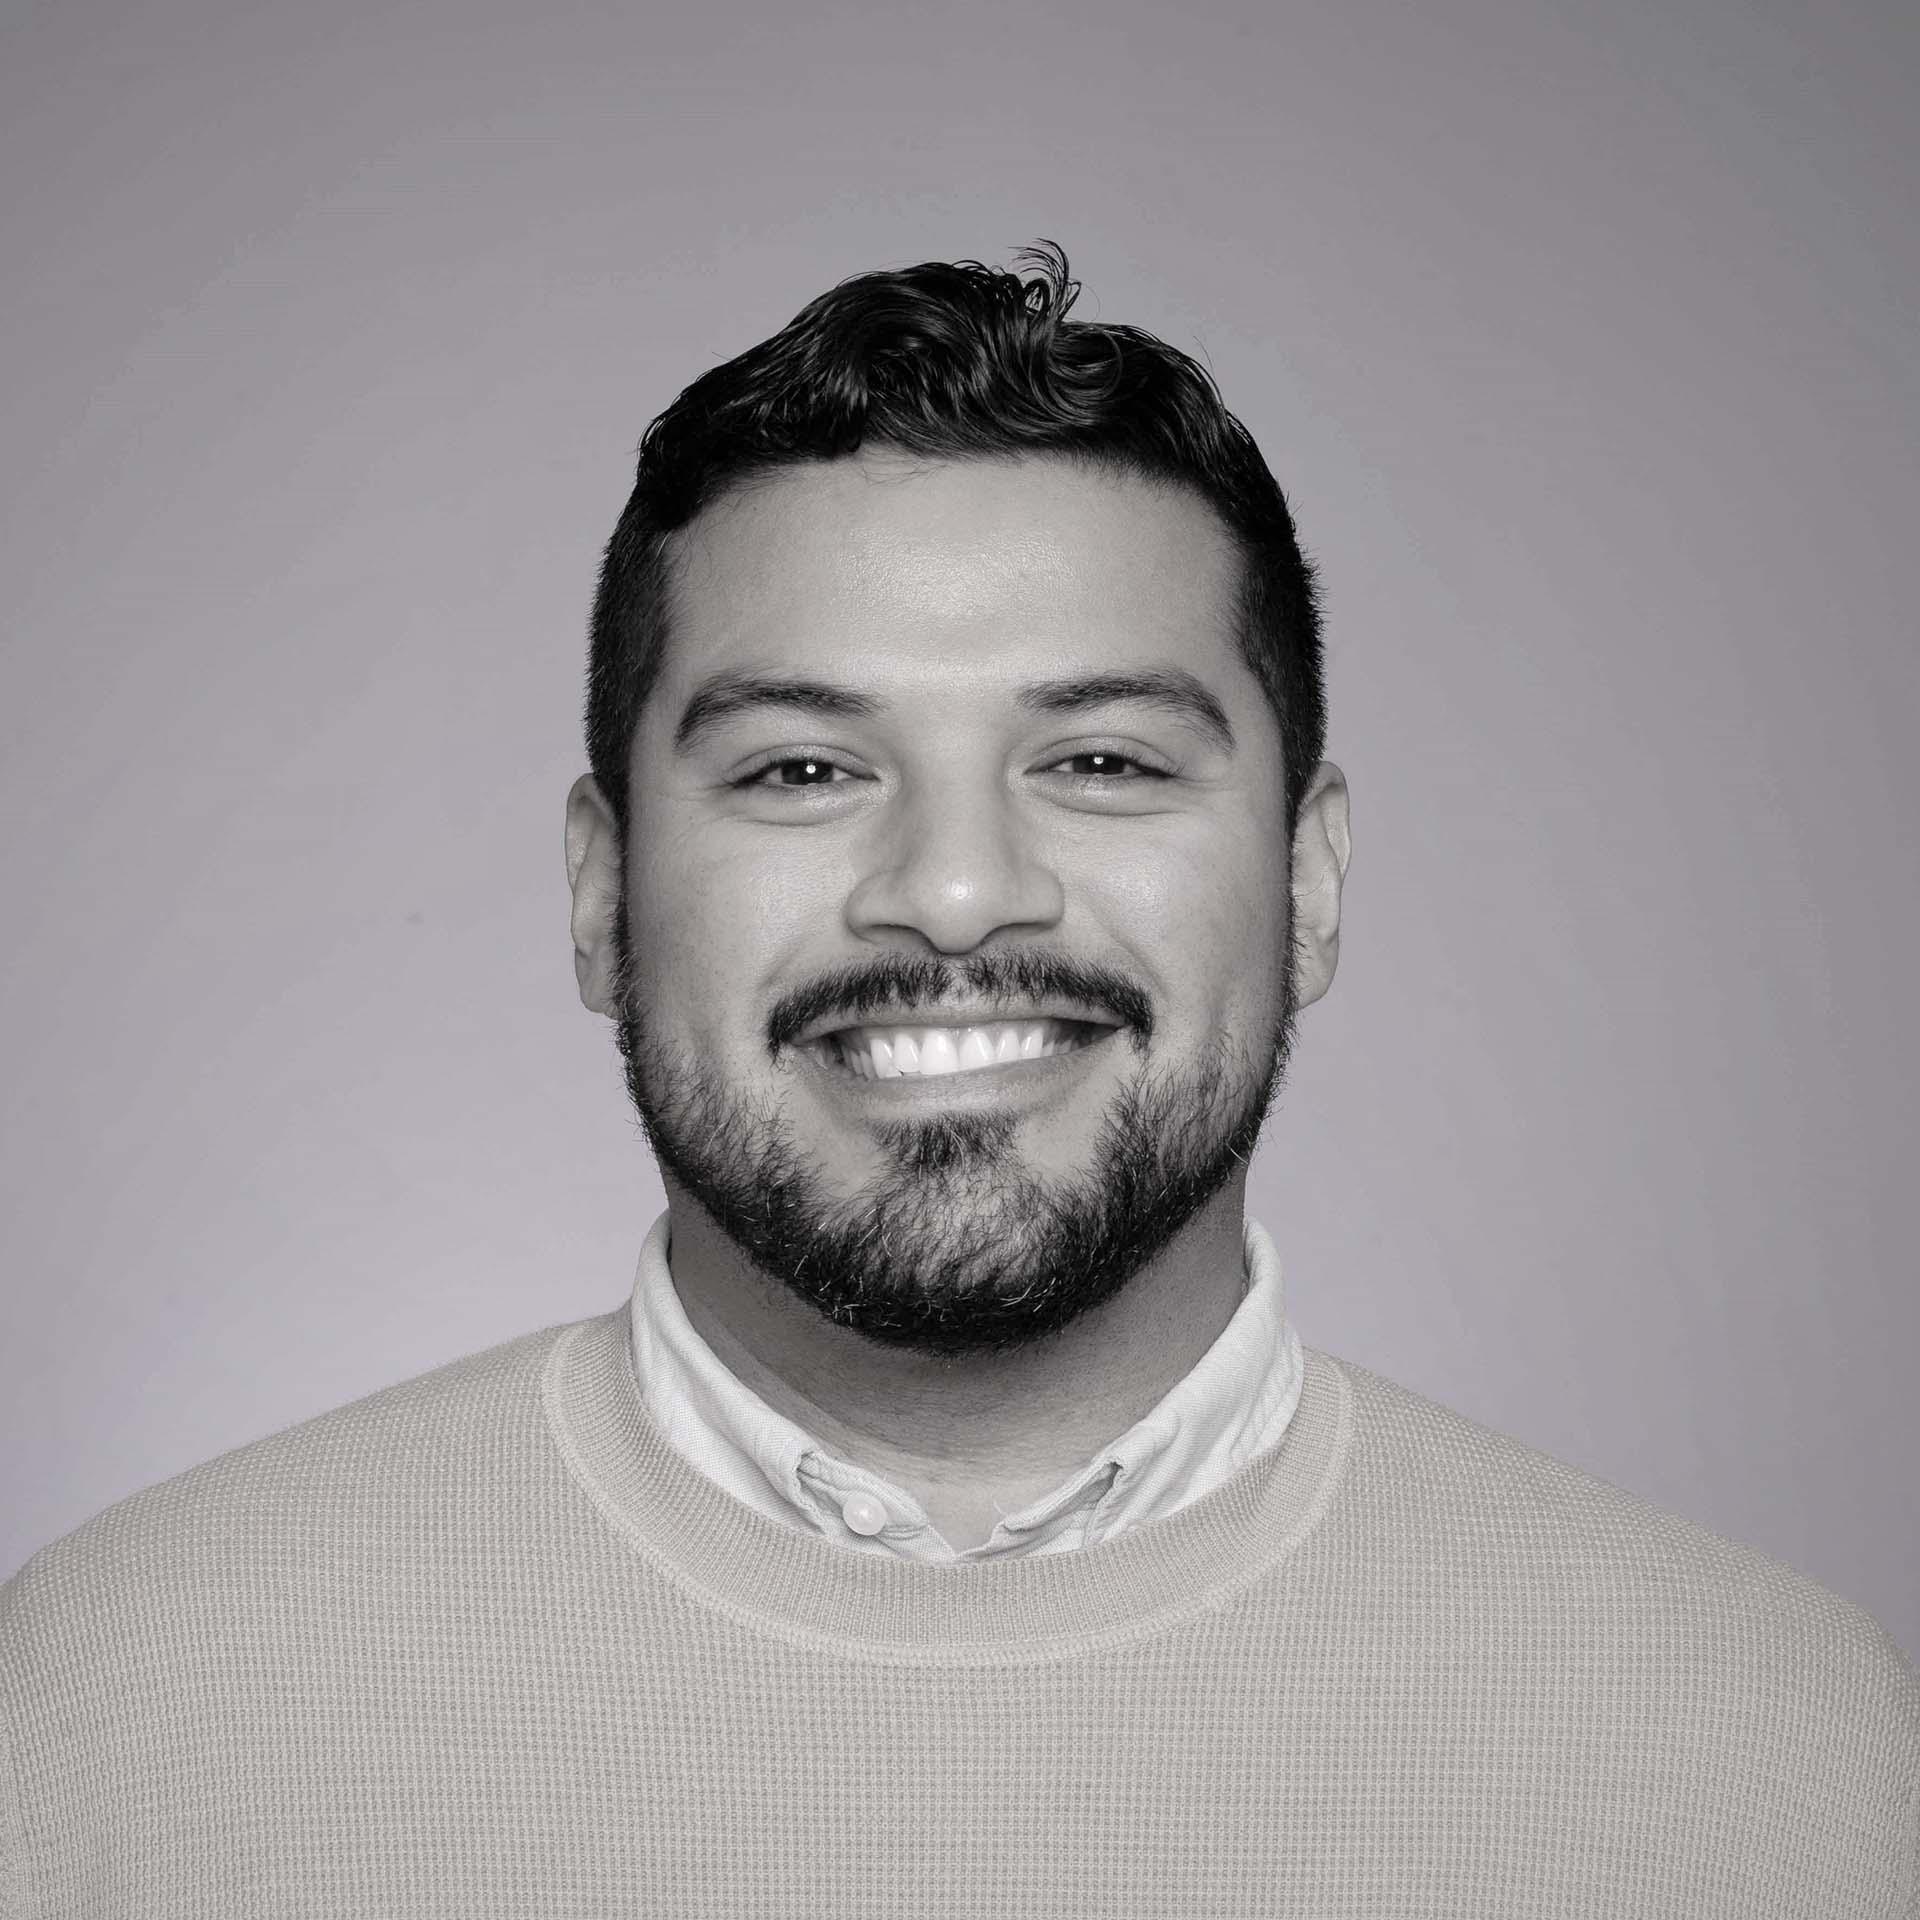 Nikko Sanchez